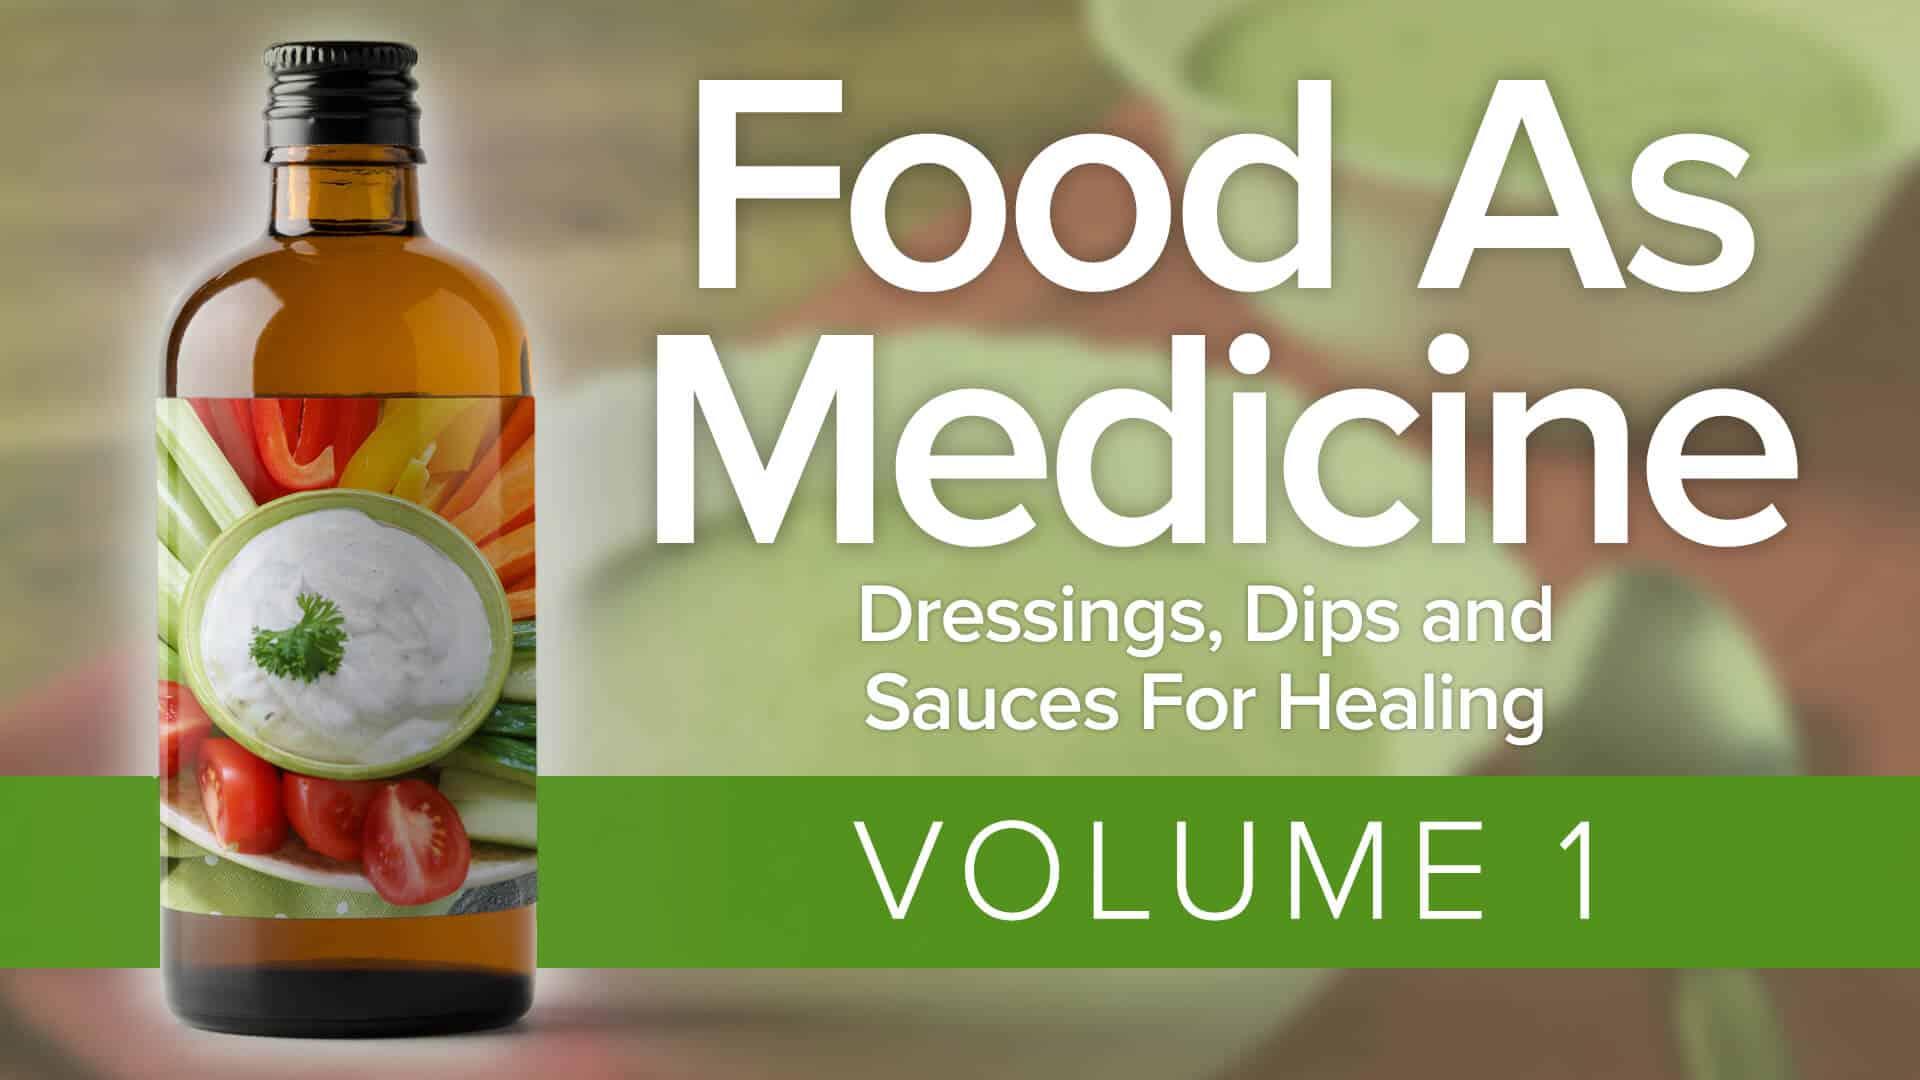 food-as-medicine-vol-1